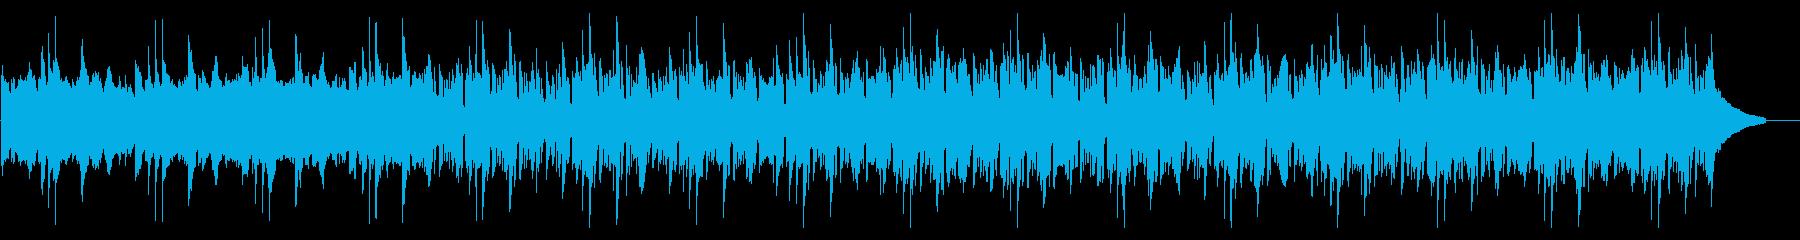 爽やかなシンセとピアノの説明向けBGMの再生済みの波形